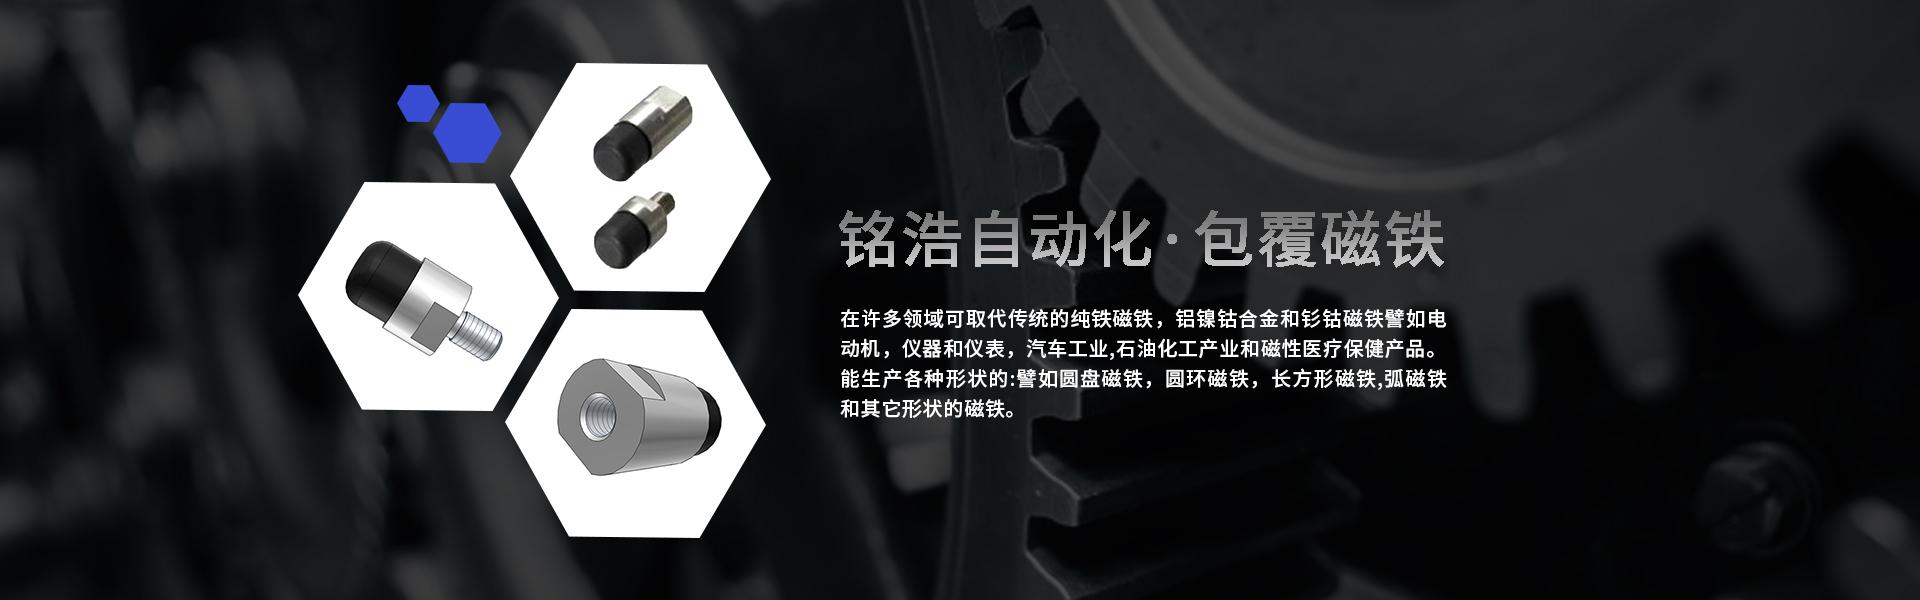 直销聚氨酯材料,深圳包胶轴承